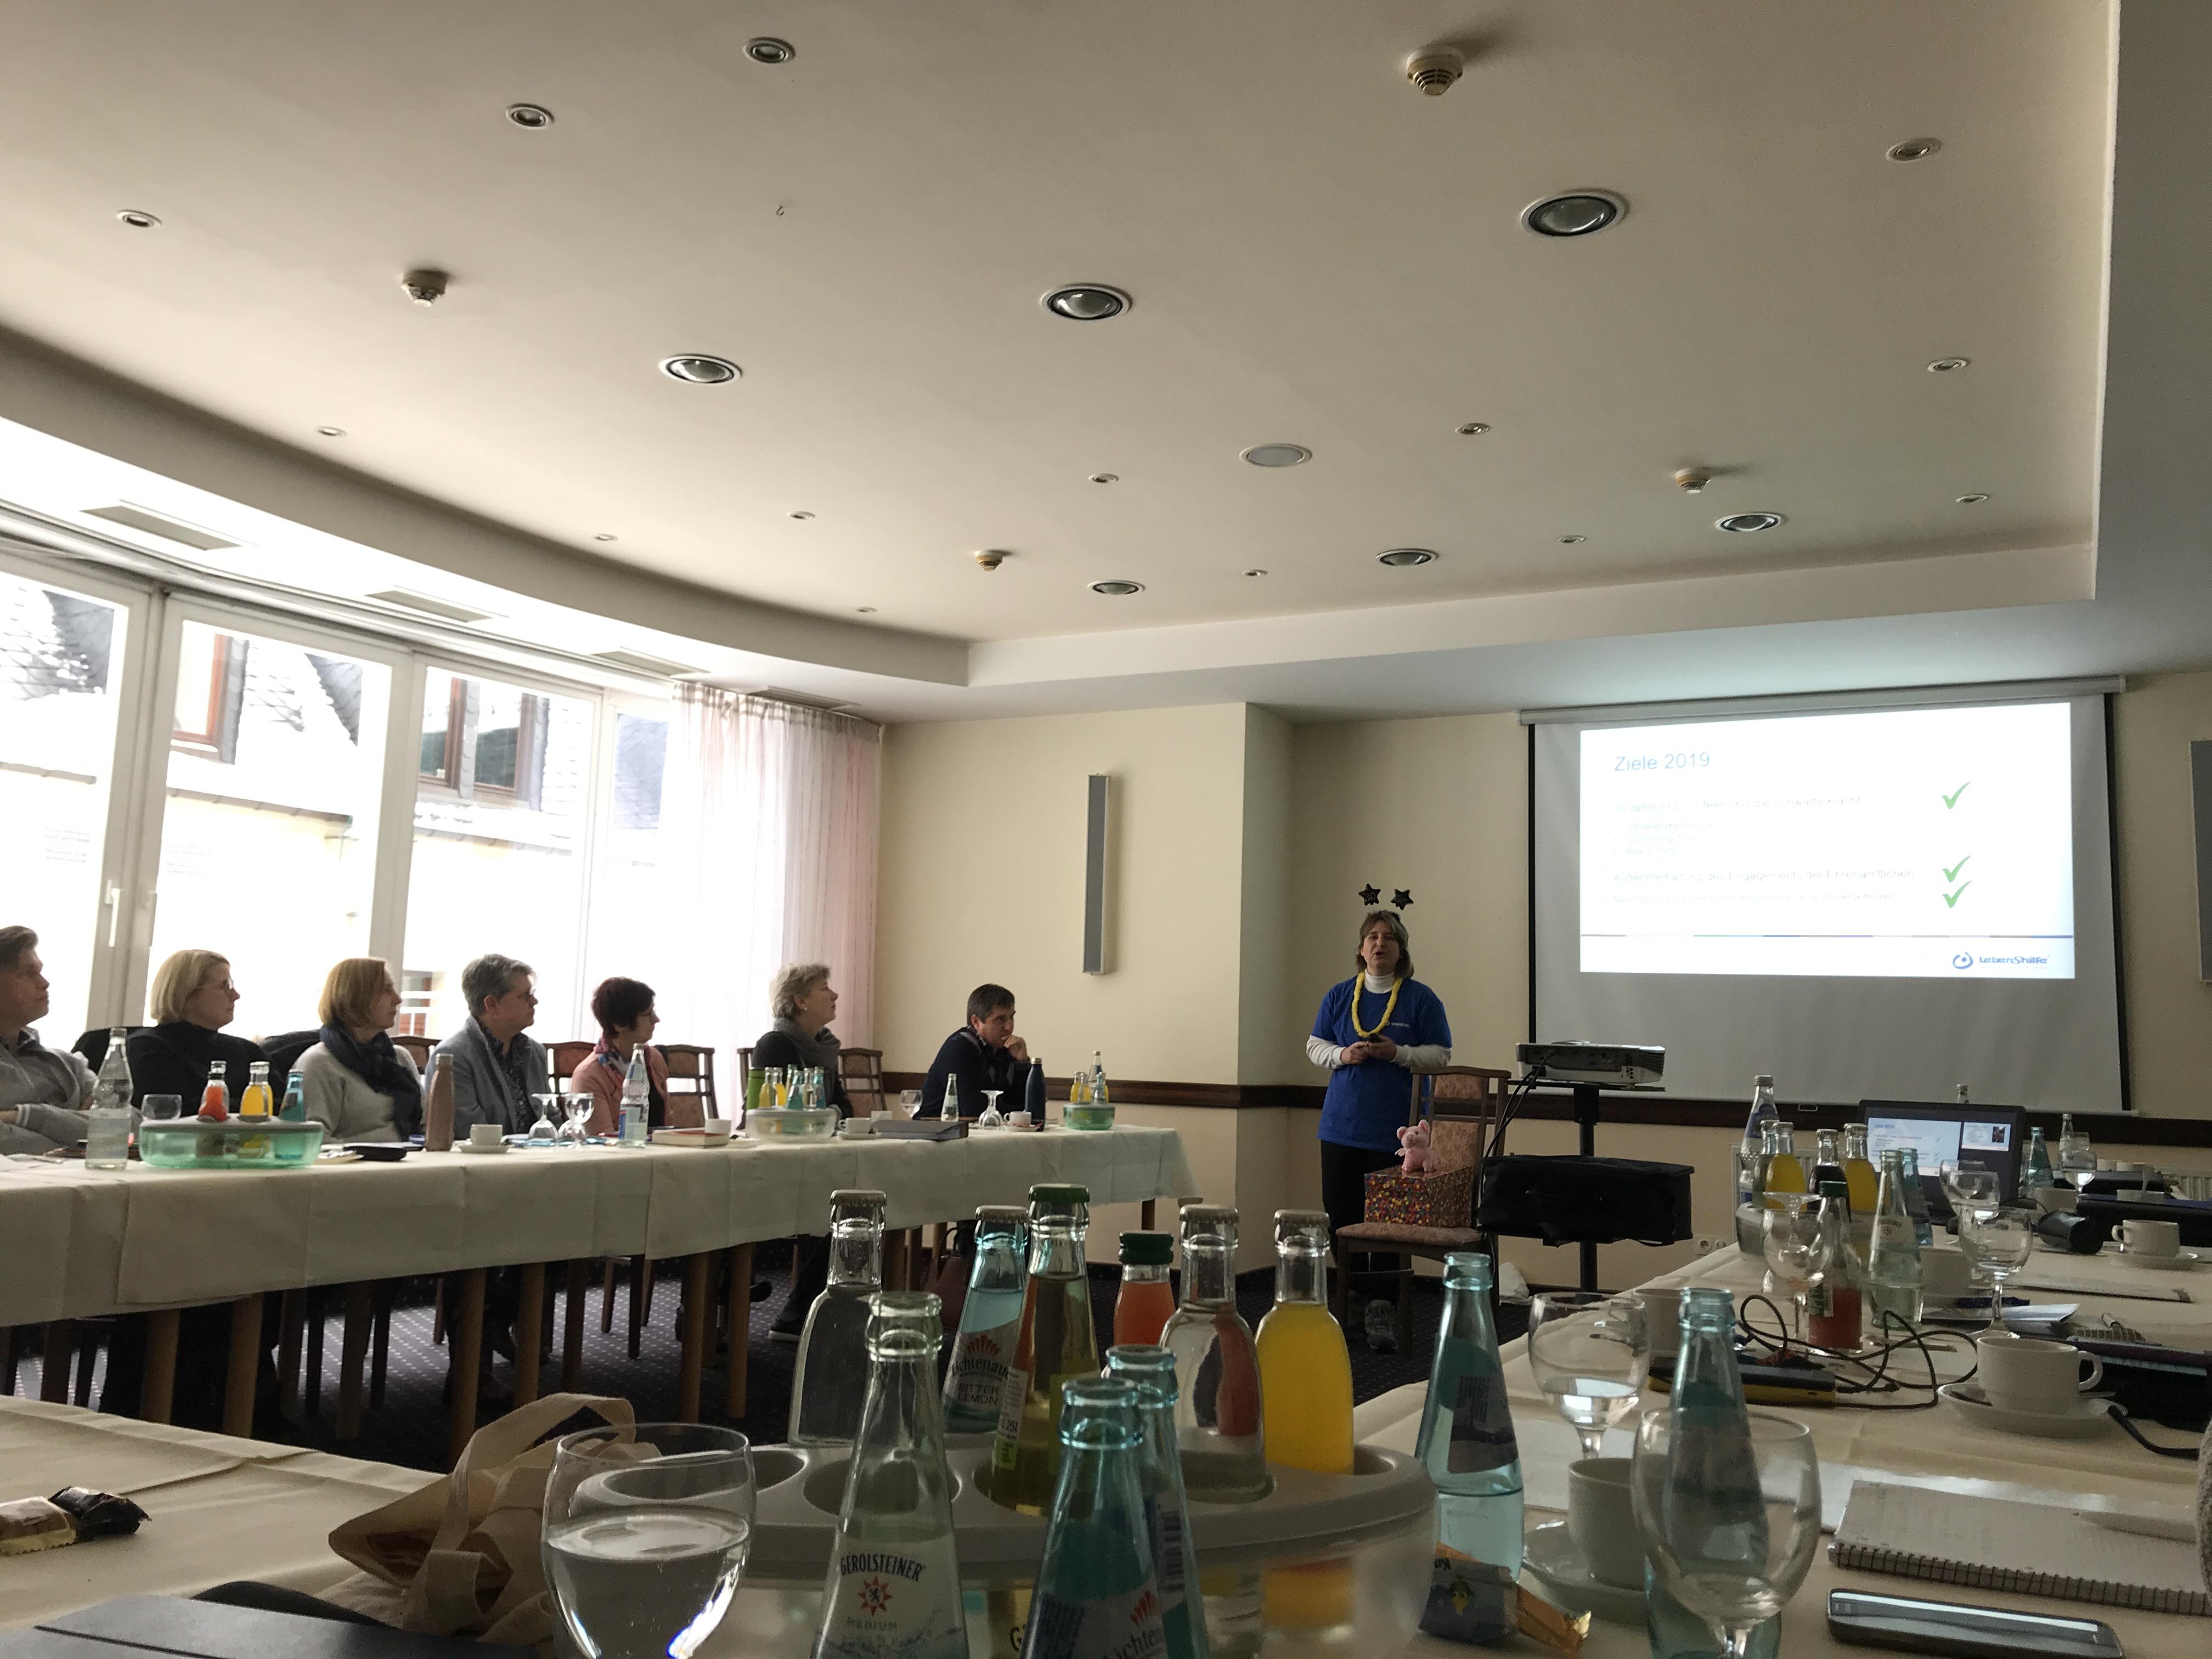 Leiterin Regina Fritsch, FED, erläutert die Ziele ihrer Einrichtung rund um Familienentlastung und Freizeit für Menschen mit Behinderung.